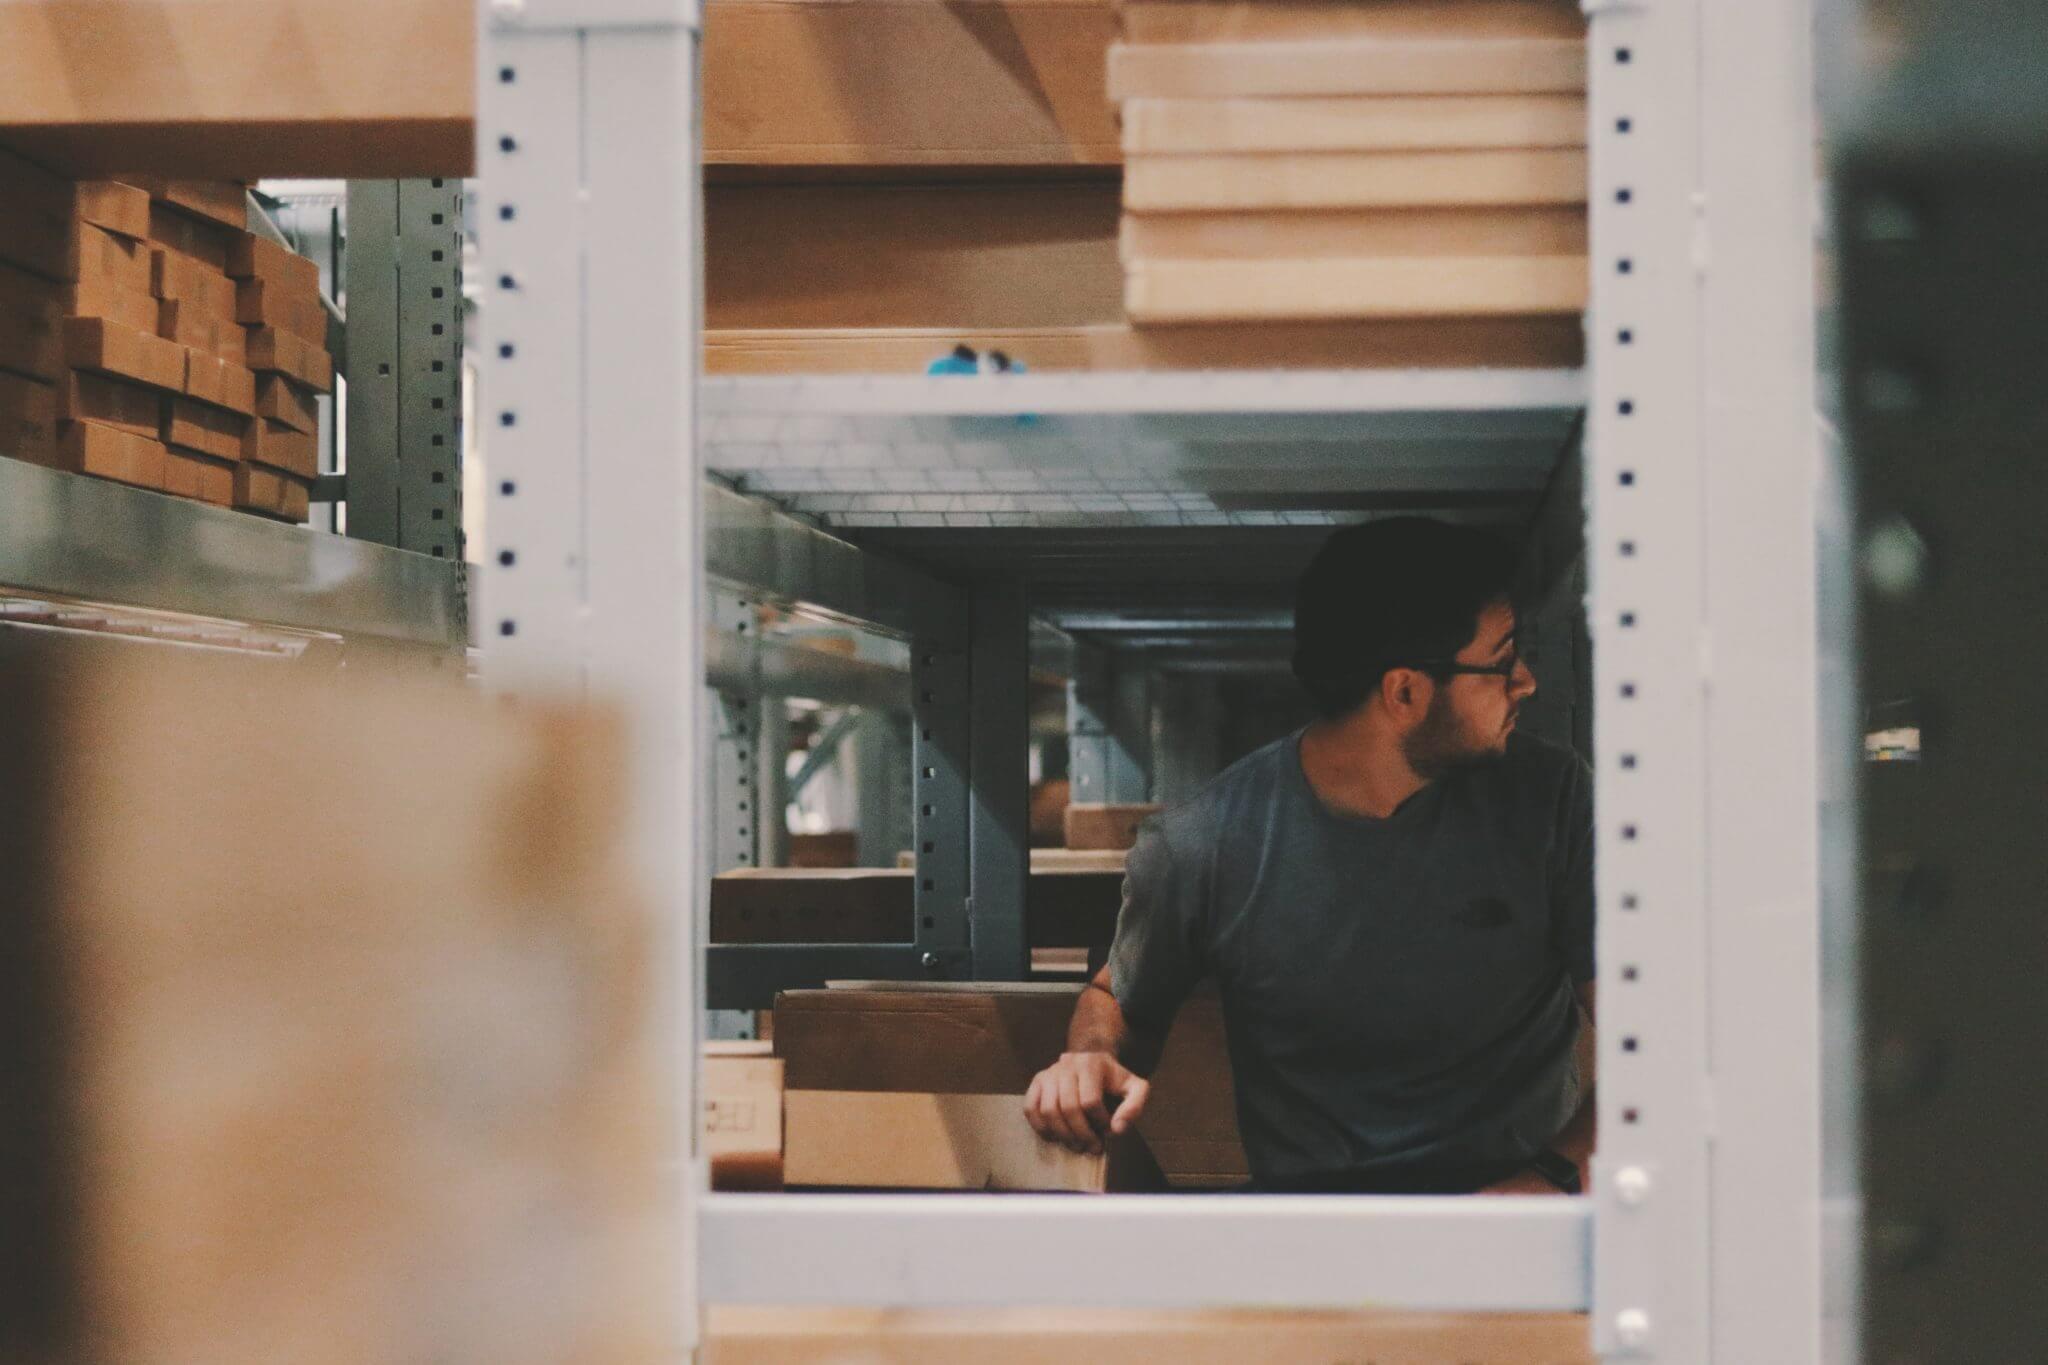 Restlager vareparti - find det rette